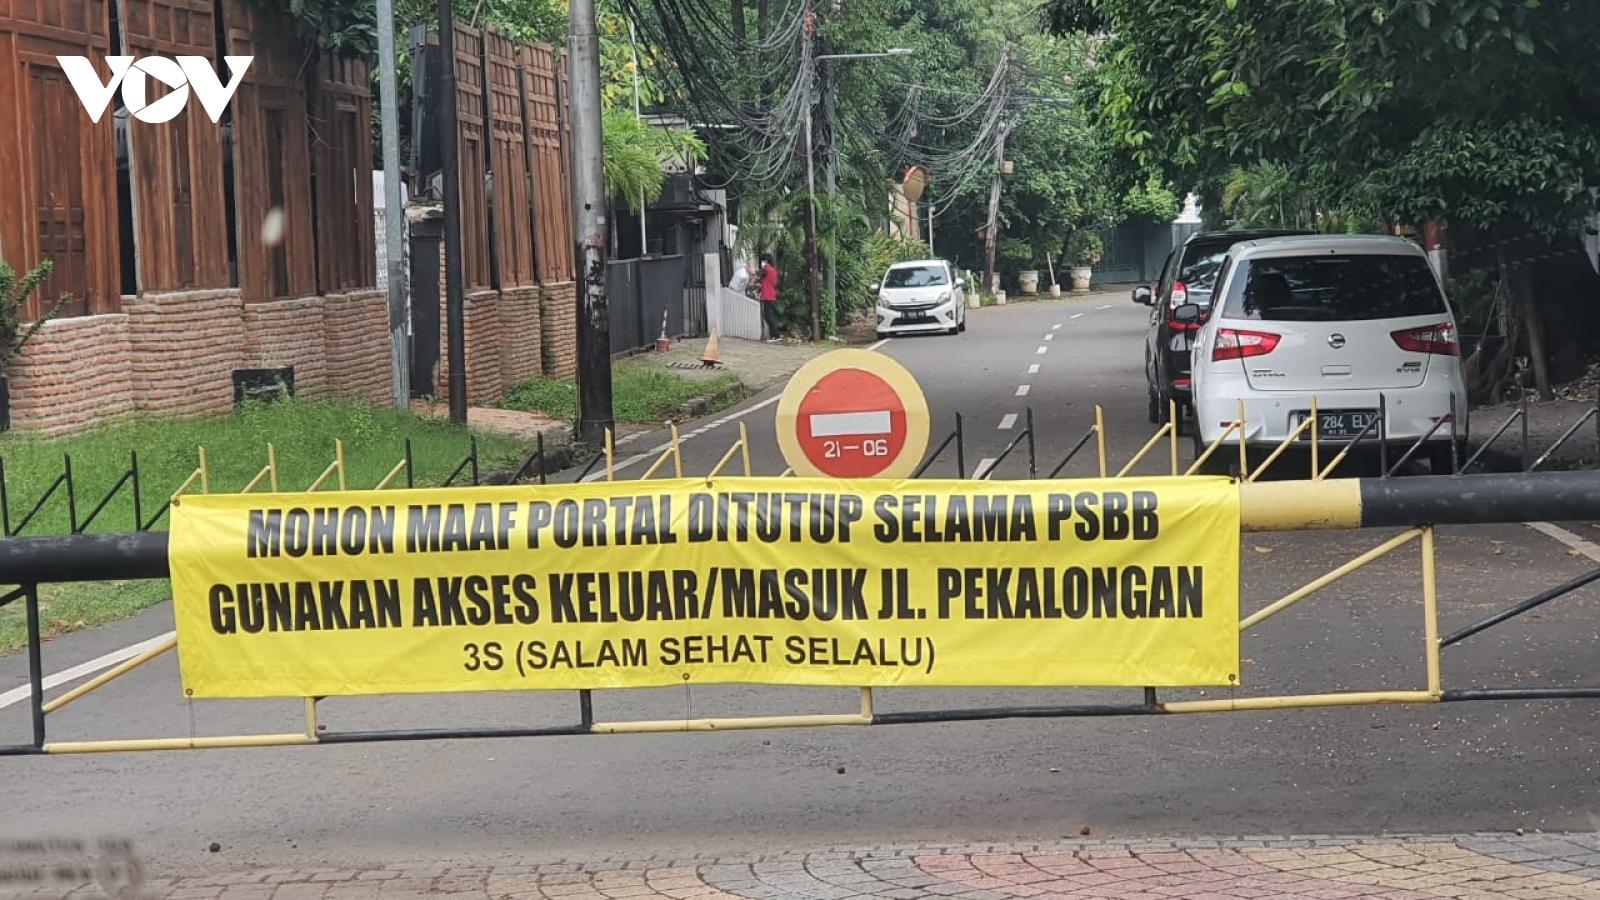 Tái giãn cách xã hội, Jakarta (Indonesia) đặt trong tình trạng khẩn cấp do Covid-19